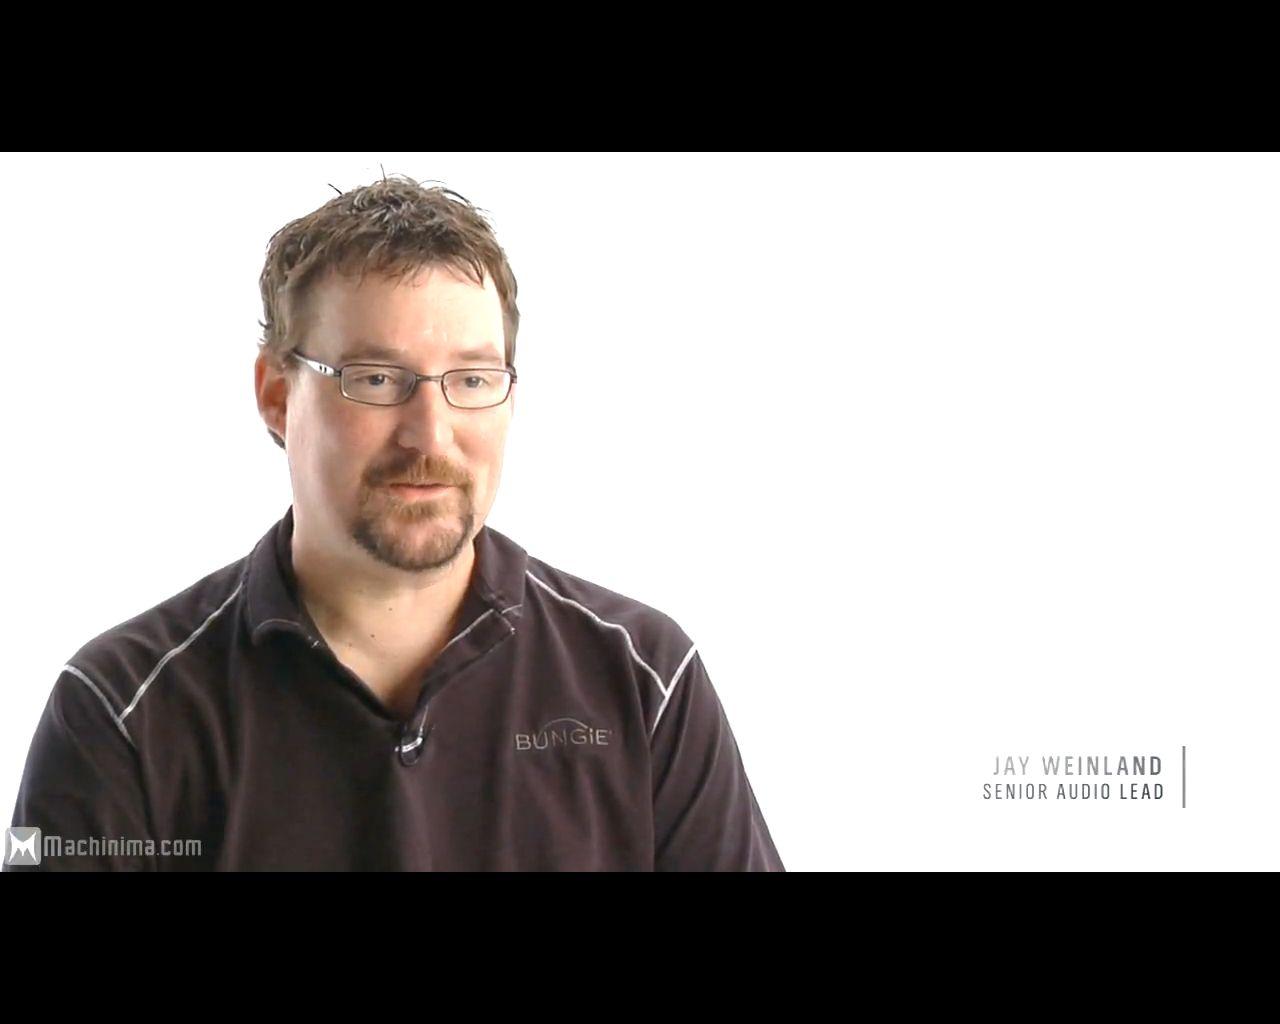 Jay Weinland